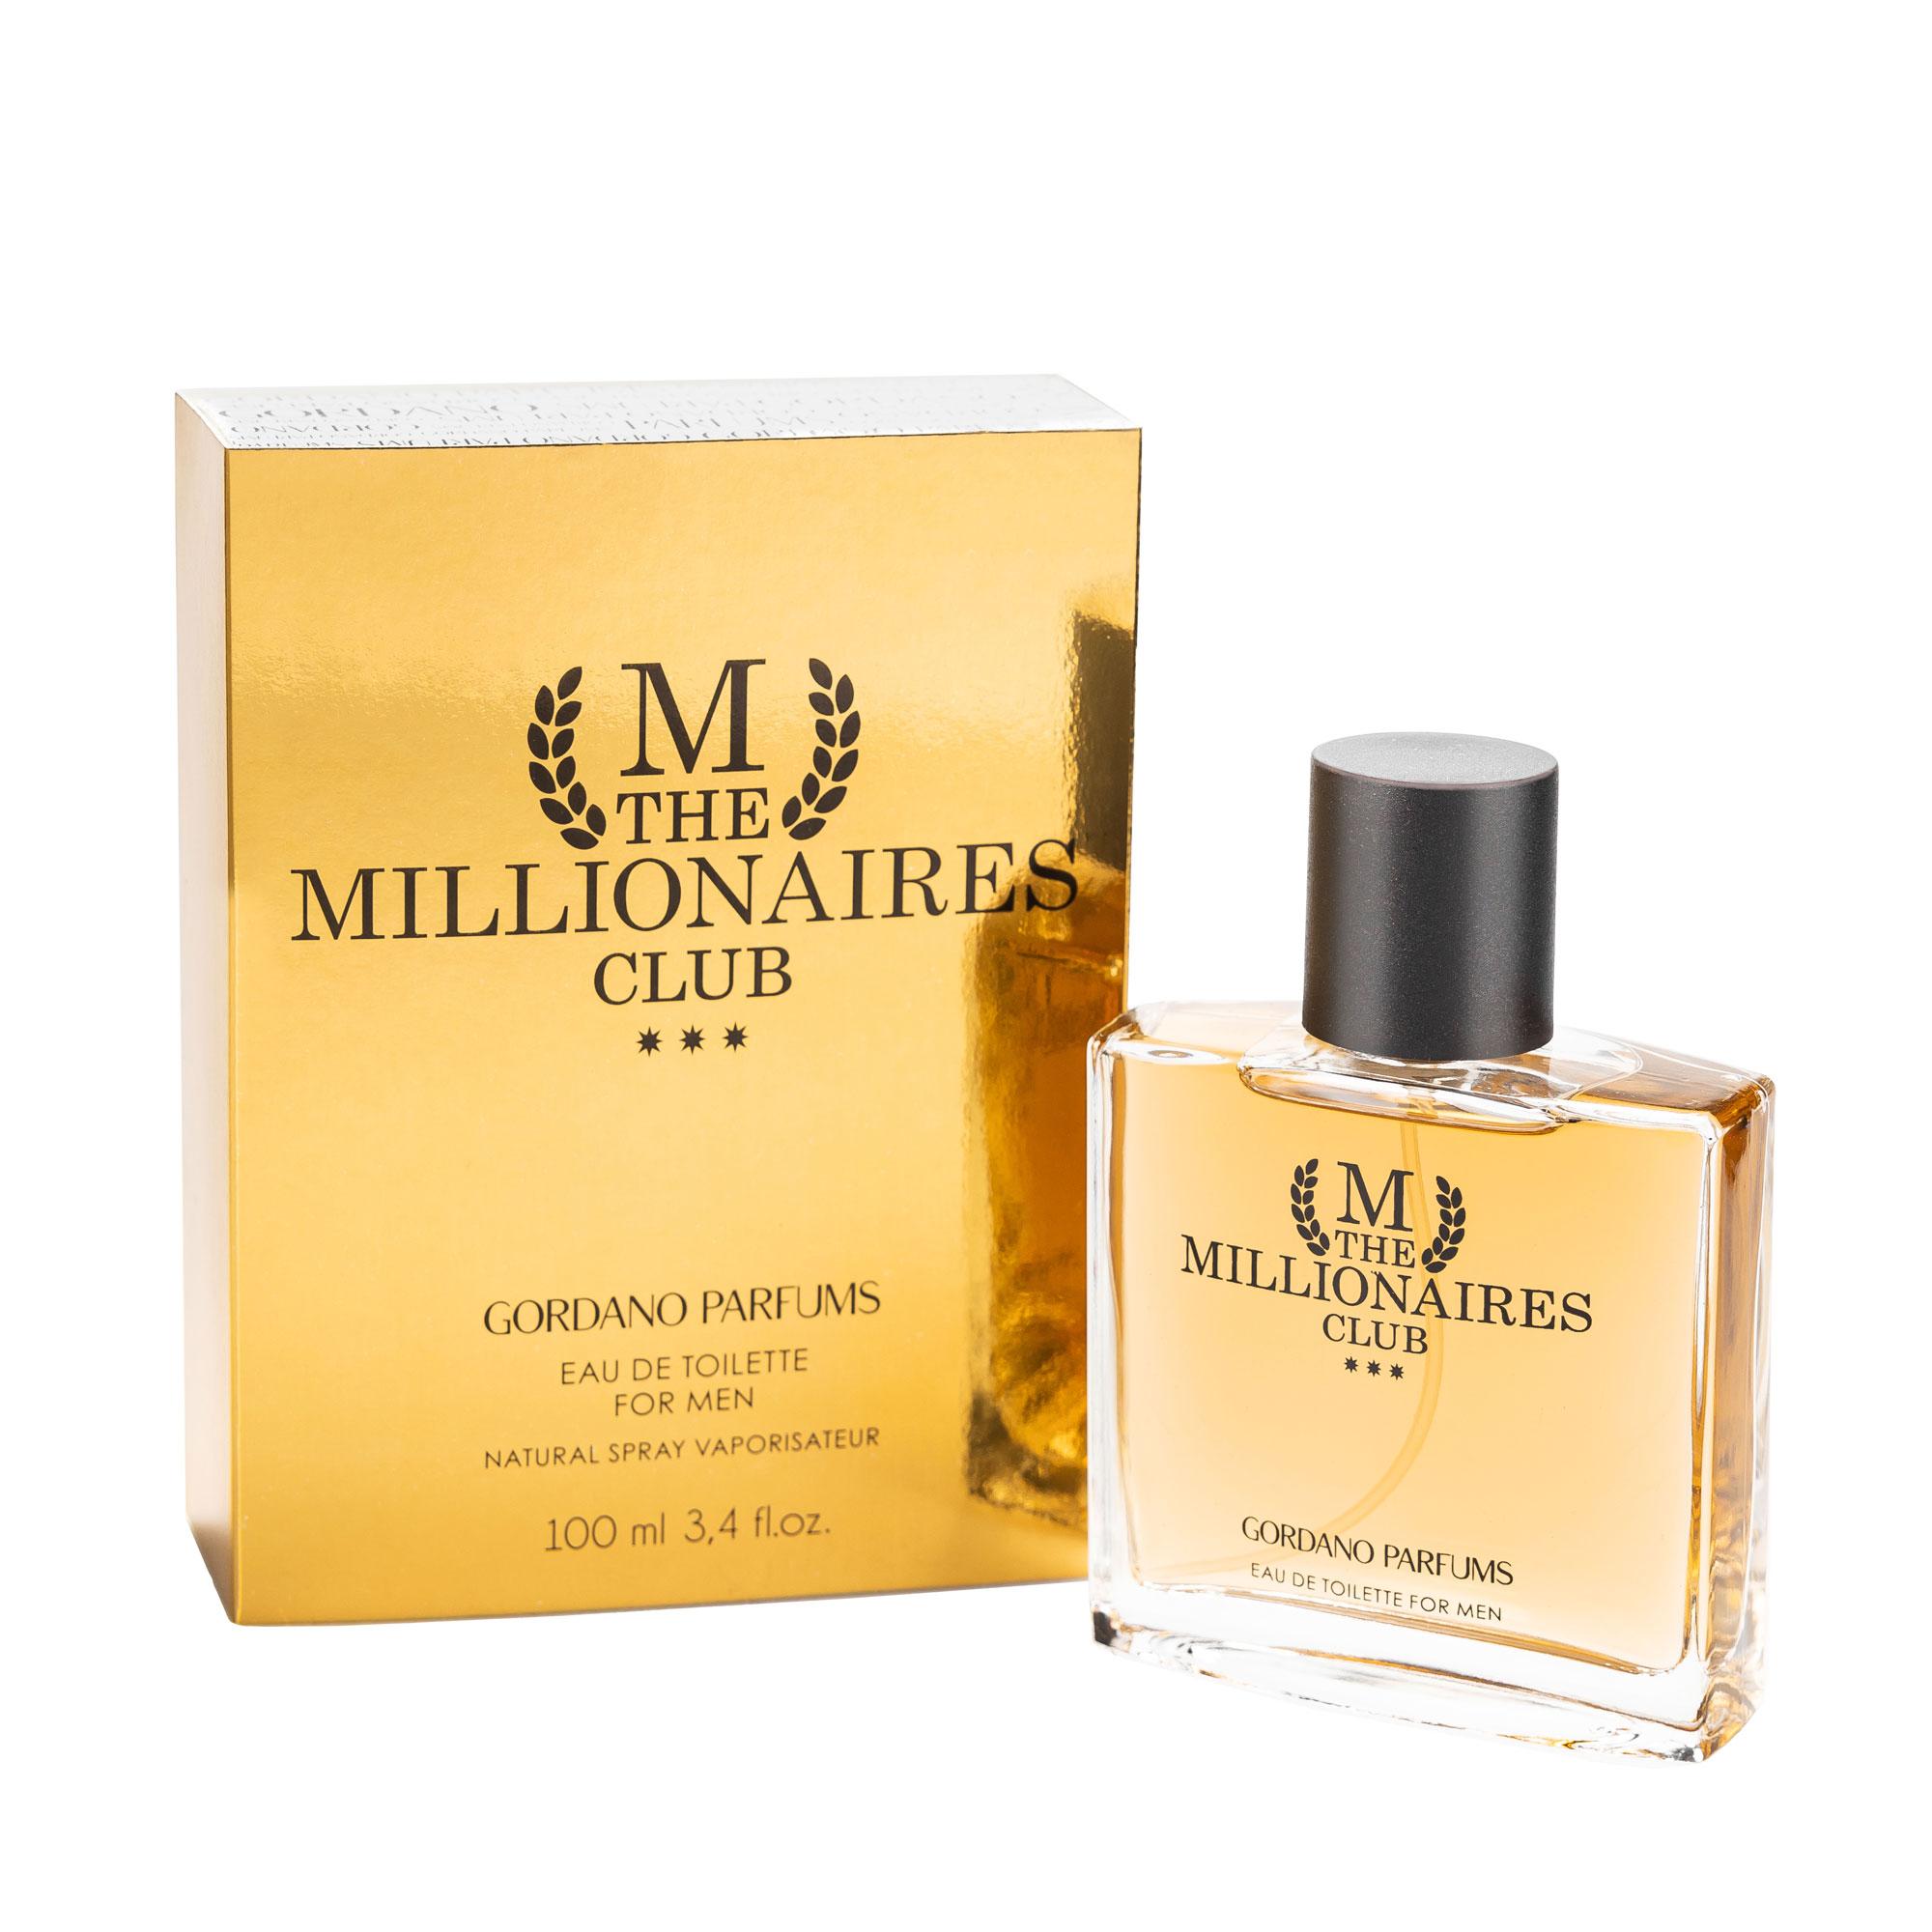 MILIONAIRE (1)